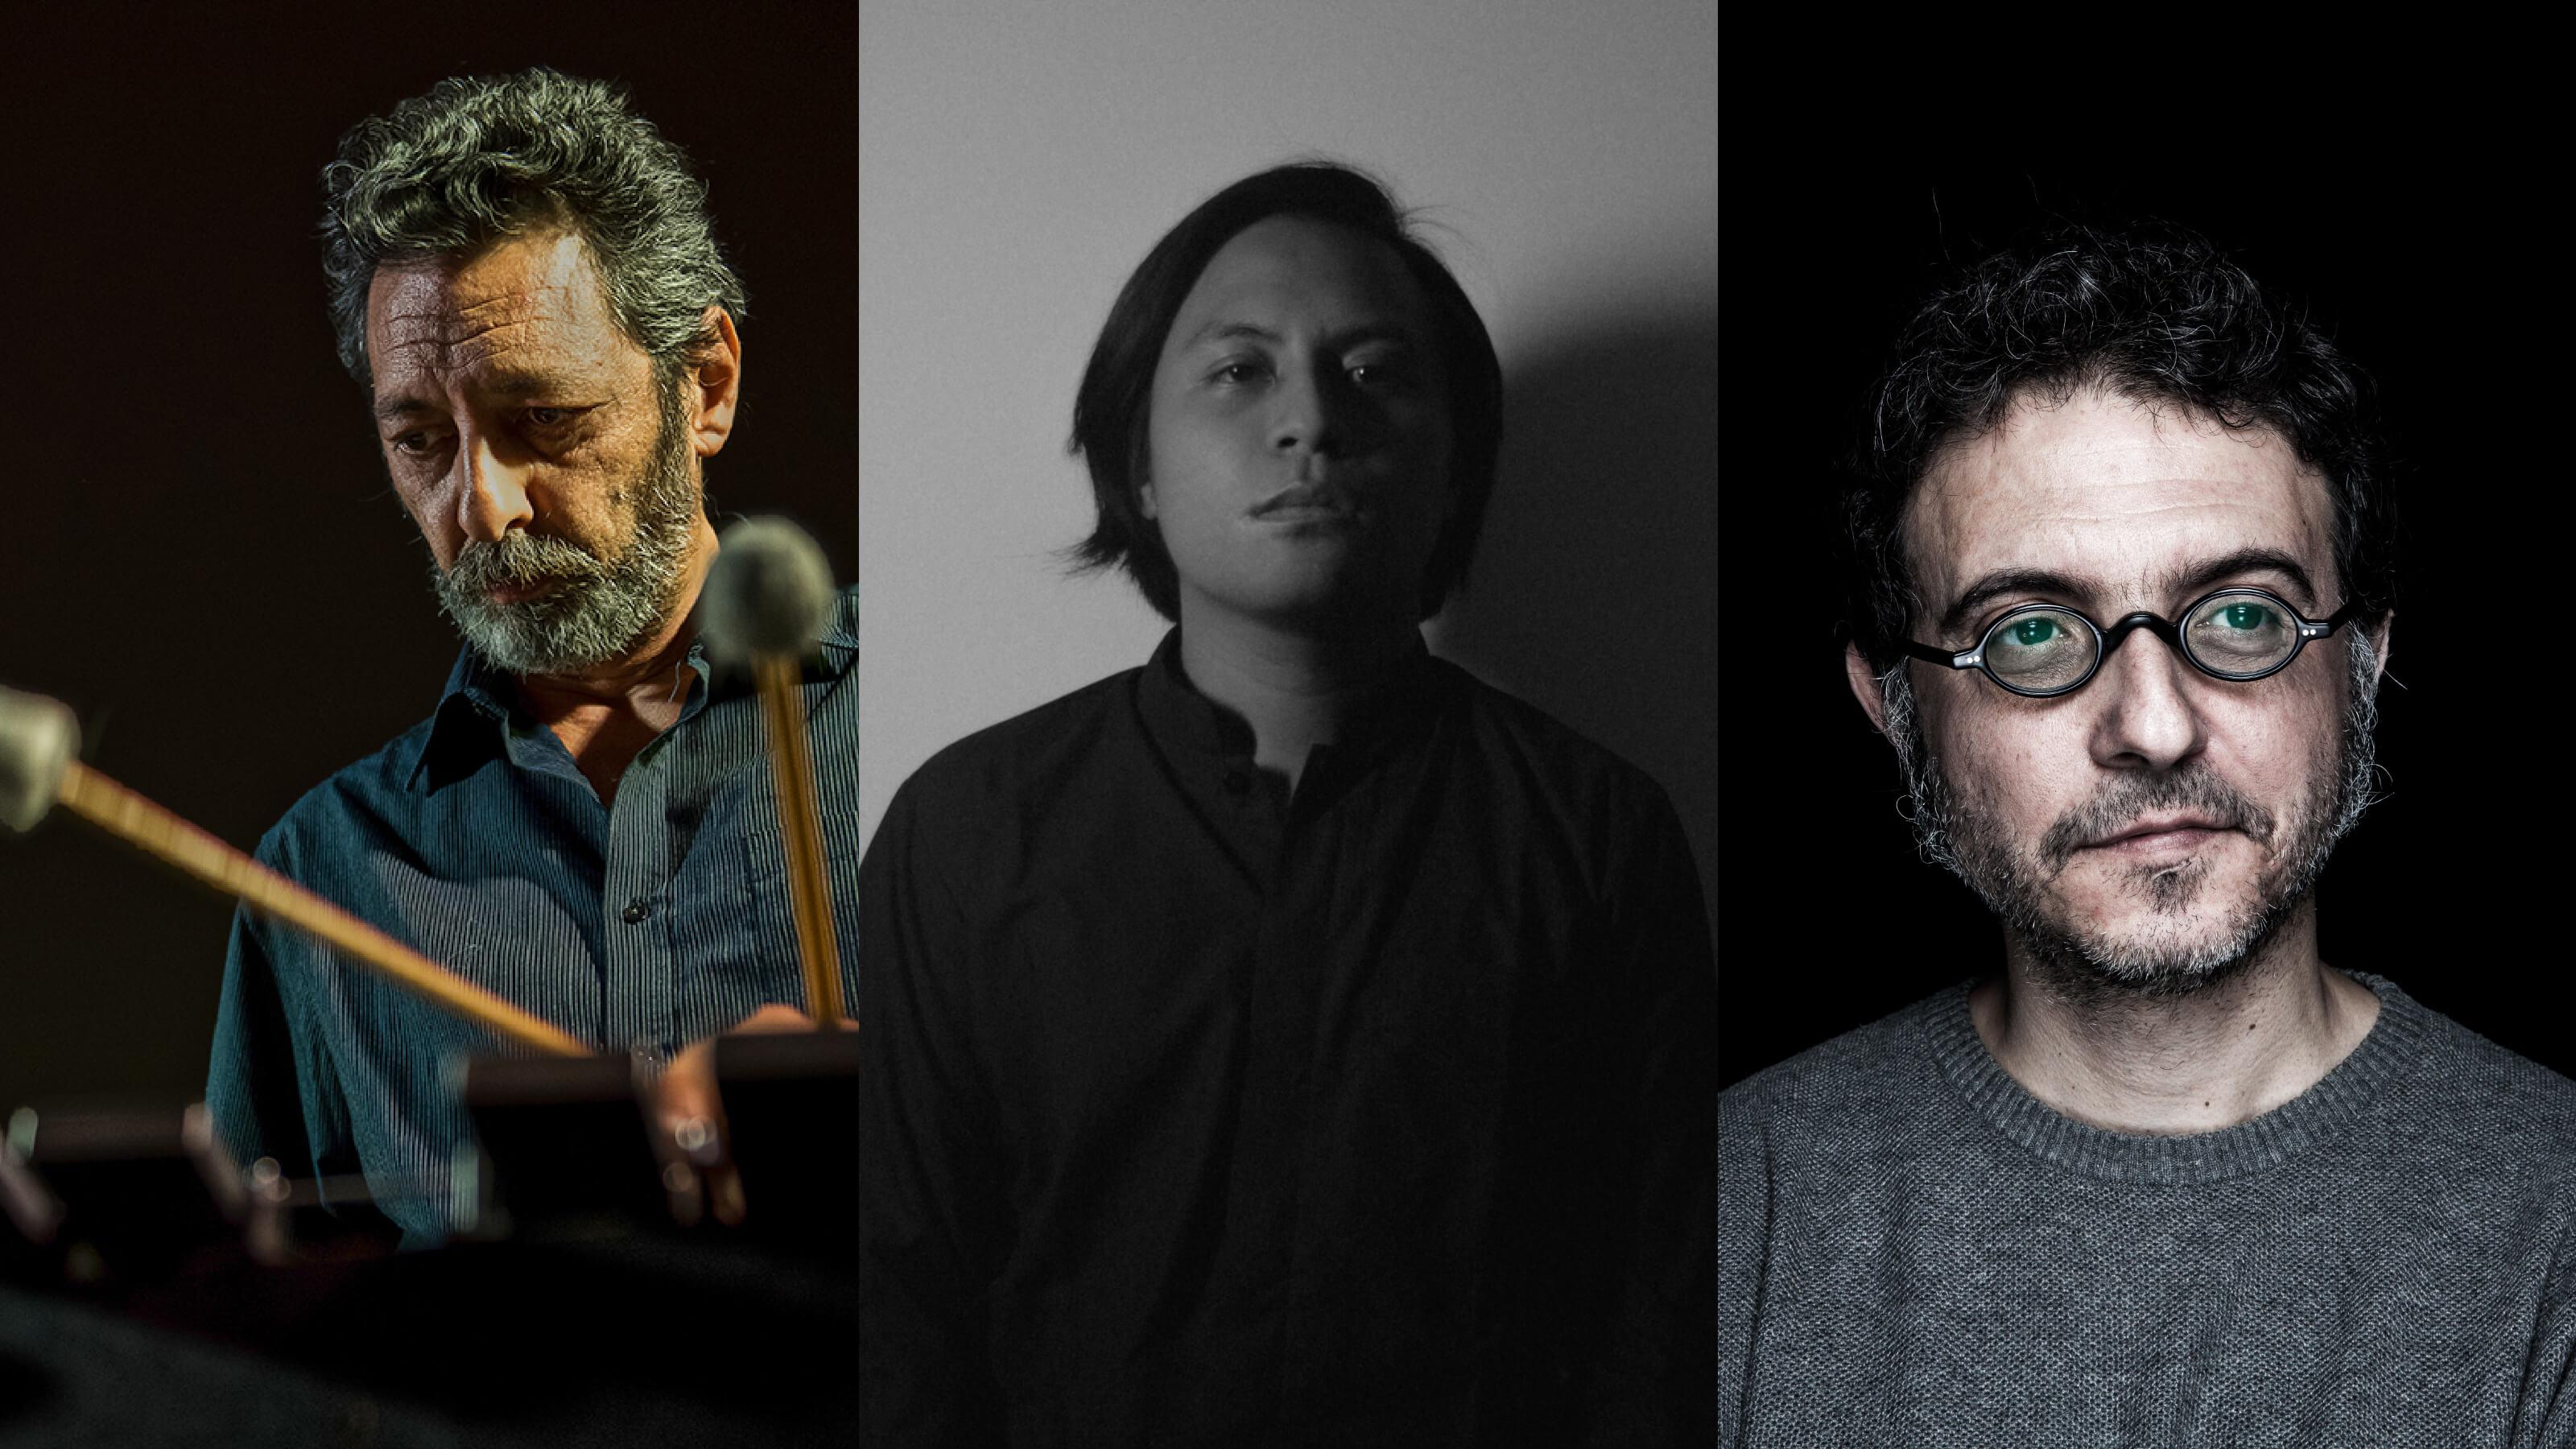 Alessandro Di Puccio, Fahmi Mursyid, Donato Dozzy